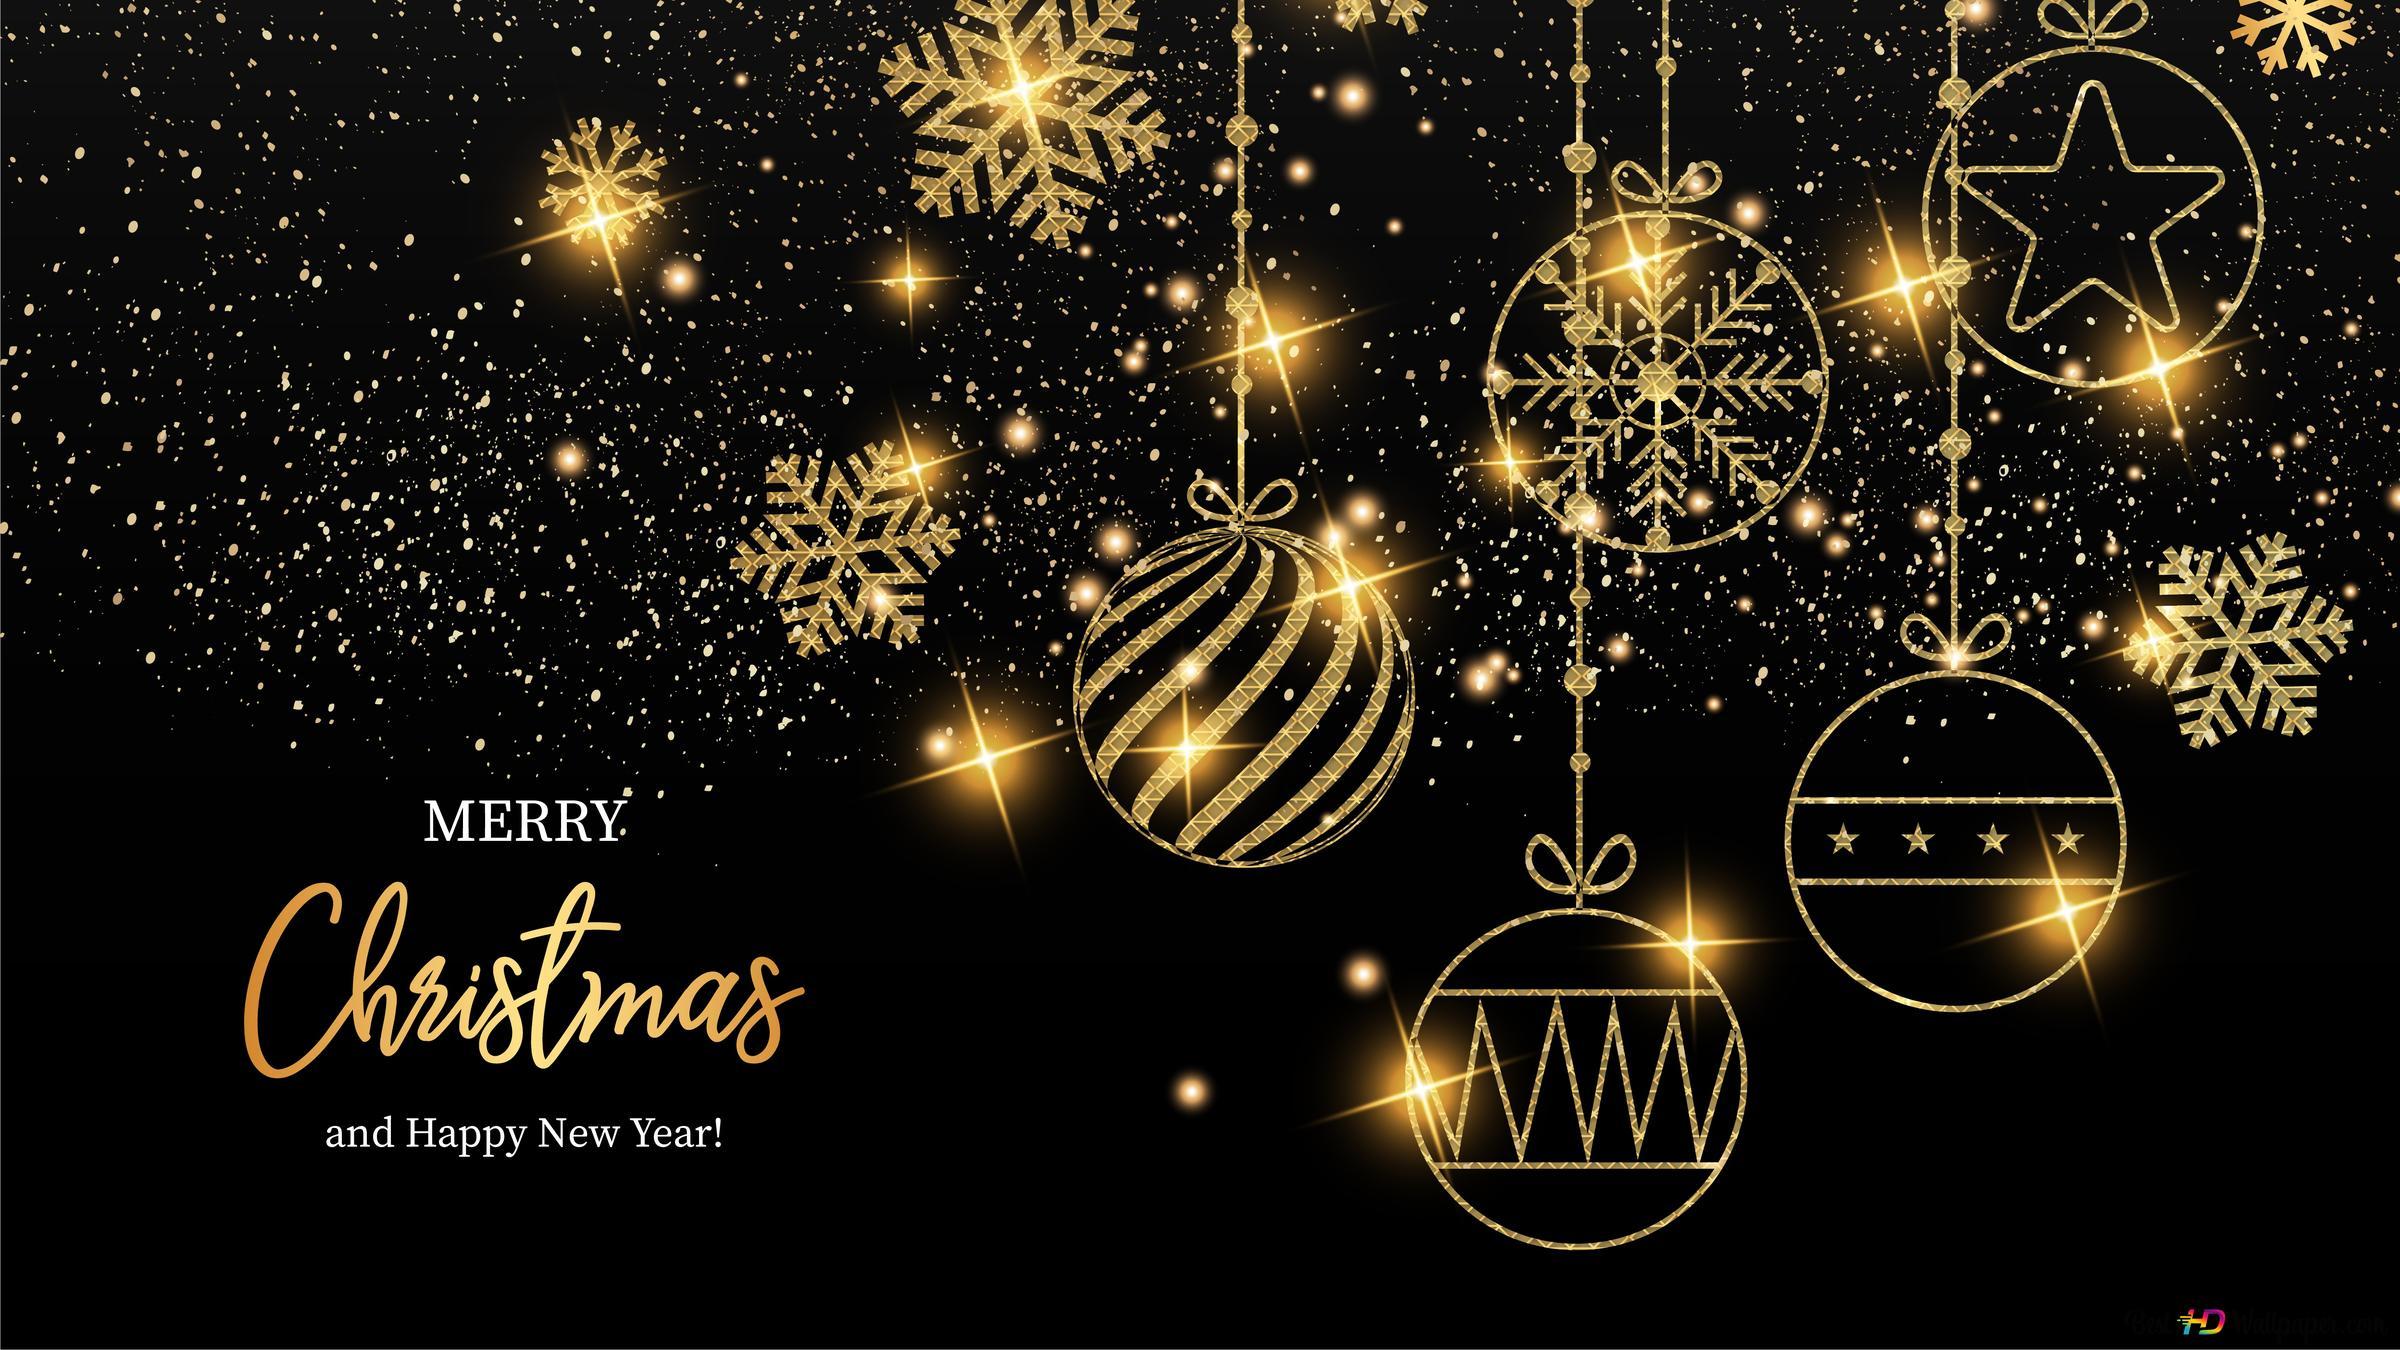 رائعة عيد الميلاد خلفية سوداء والحلي تنزيل خلفية Hd